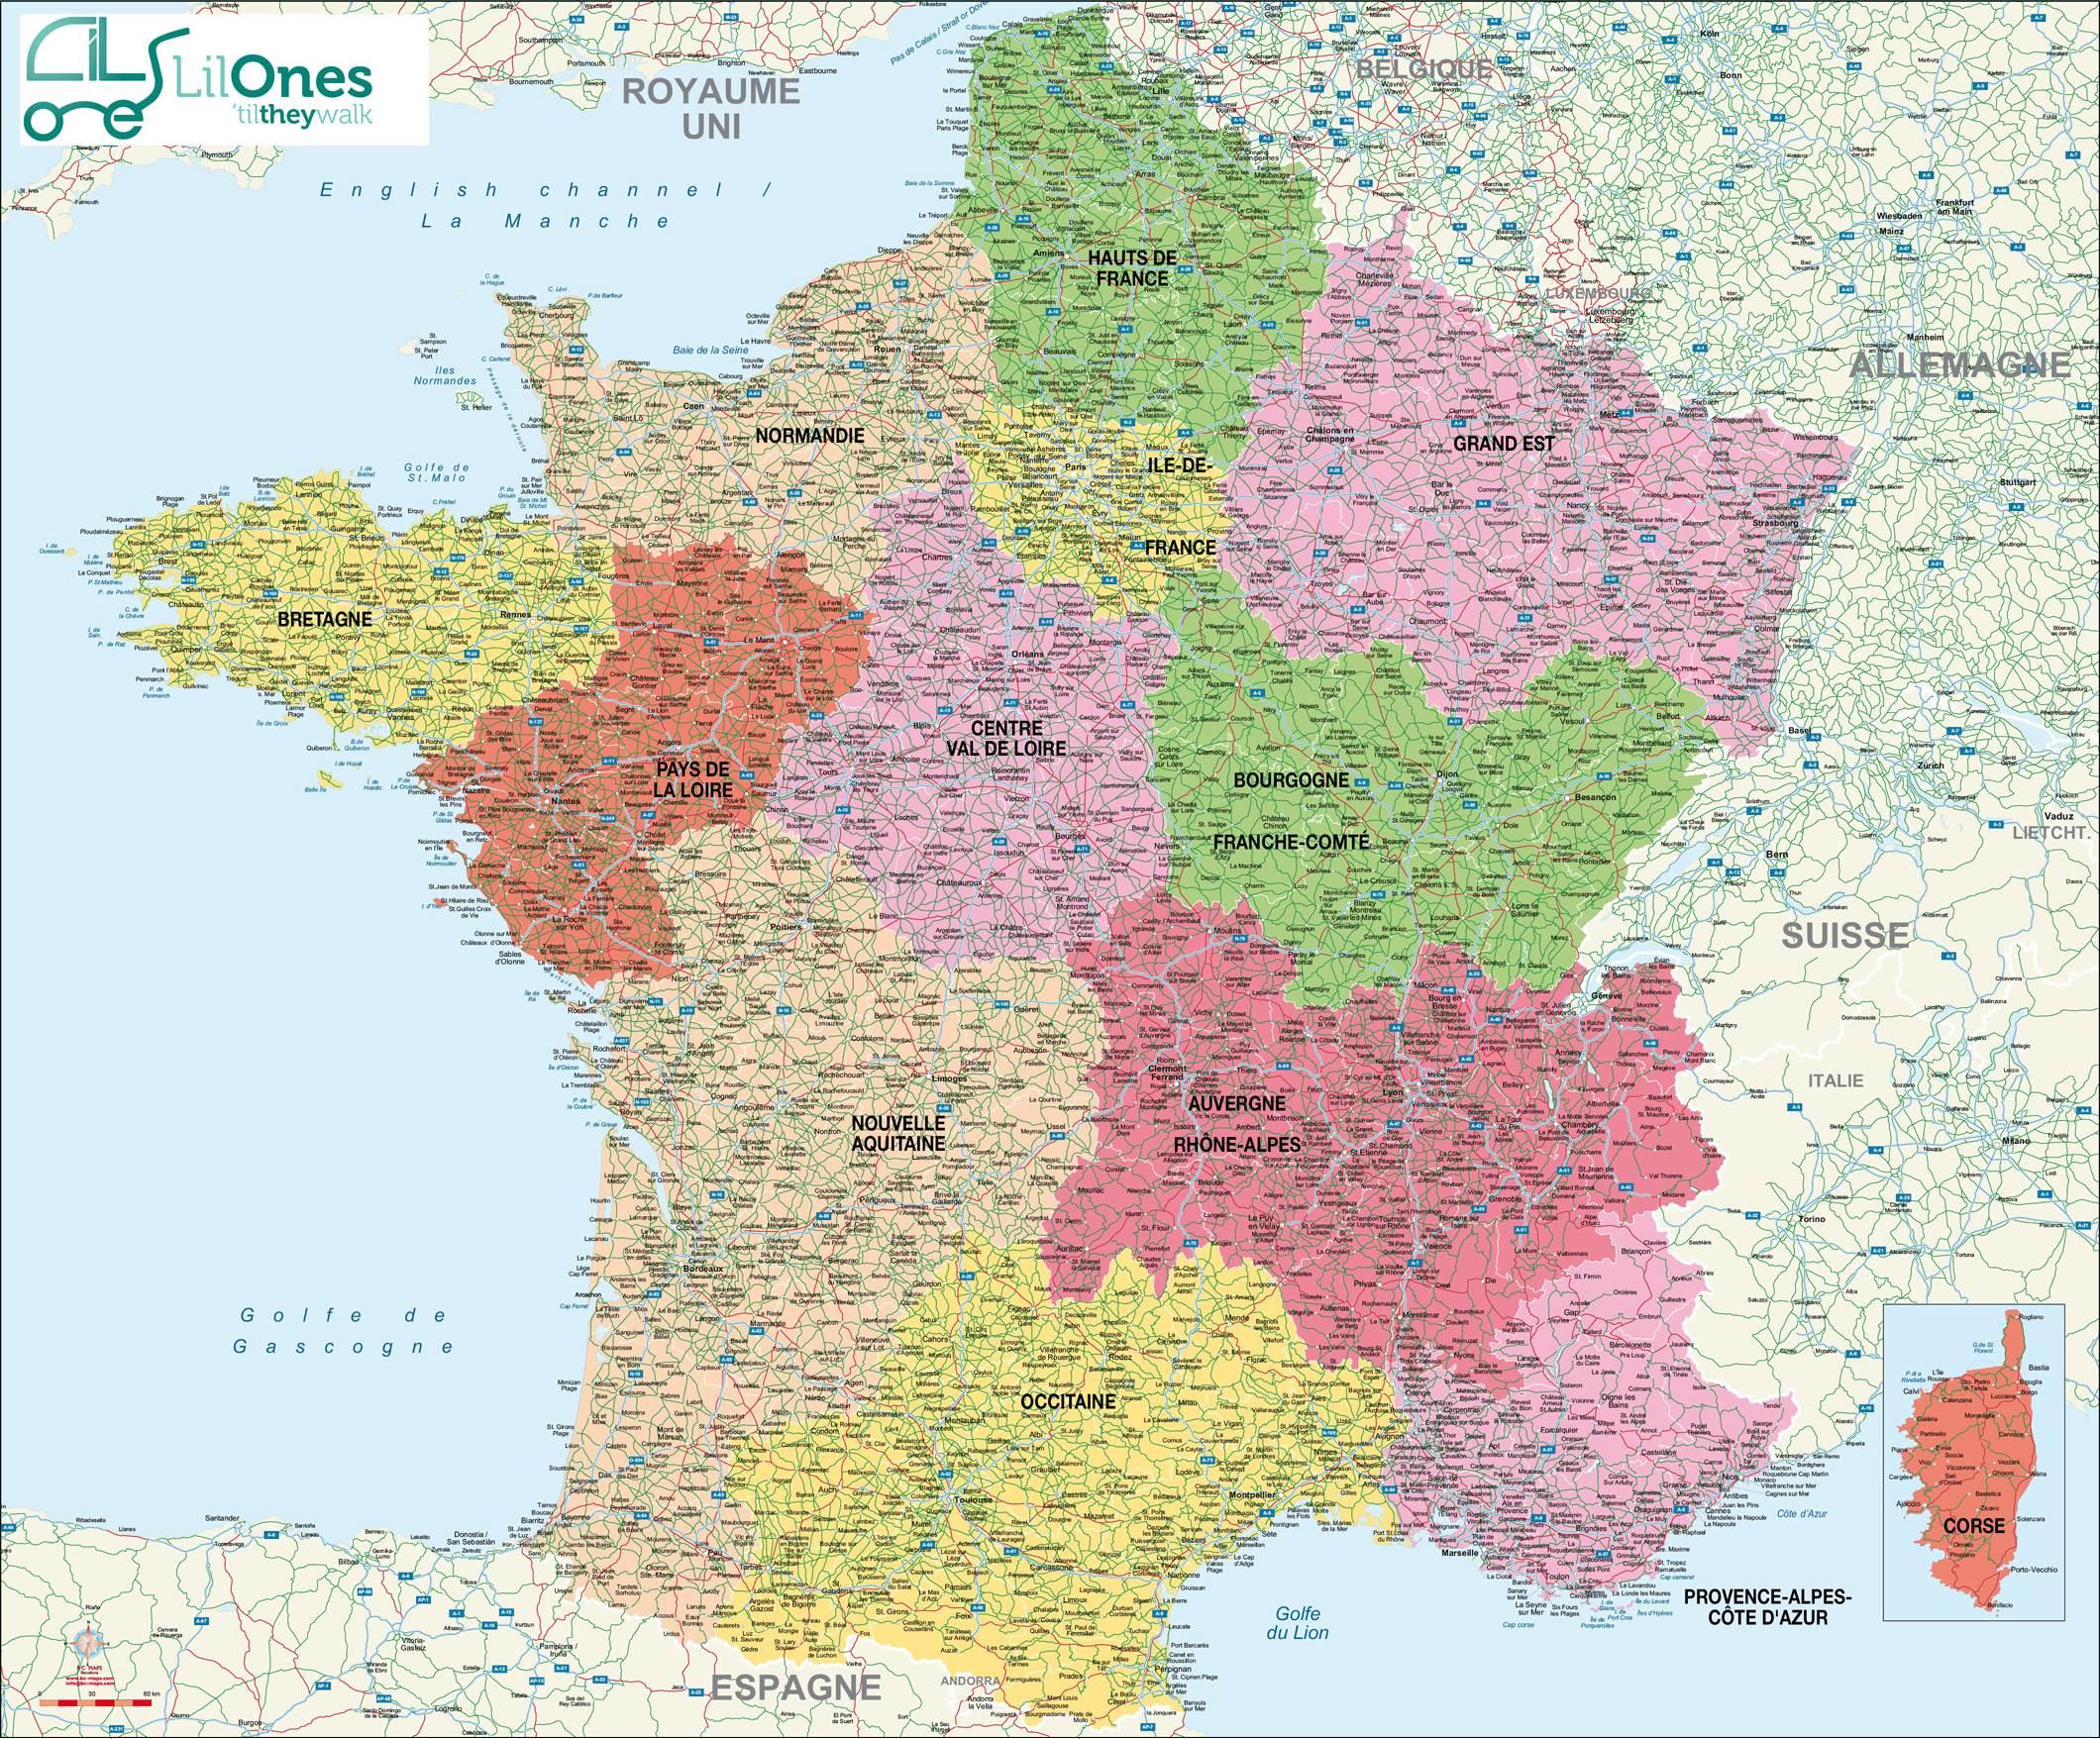 Cartes De France : Cartes Des Régions, Départements Et tout Mappe De France